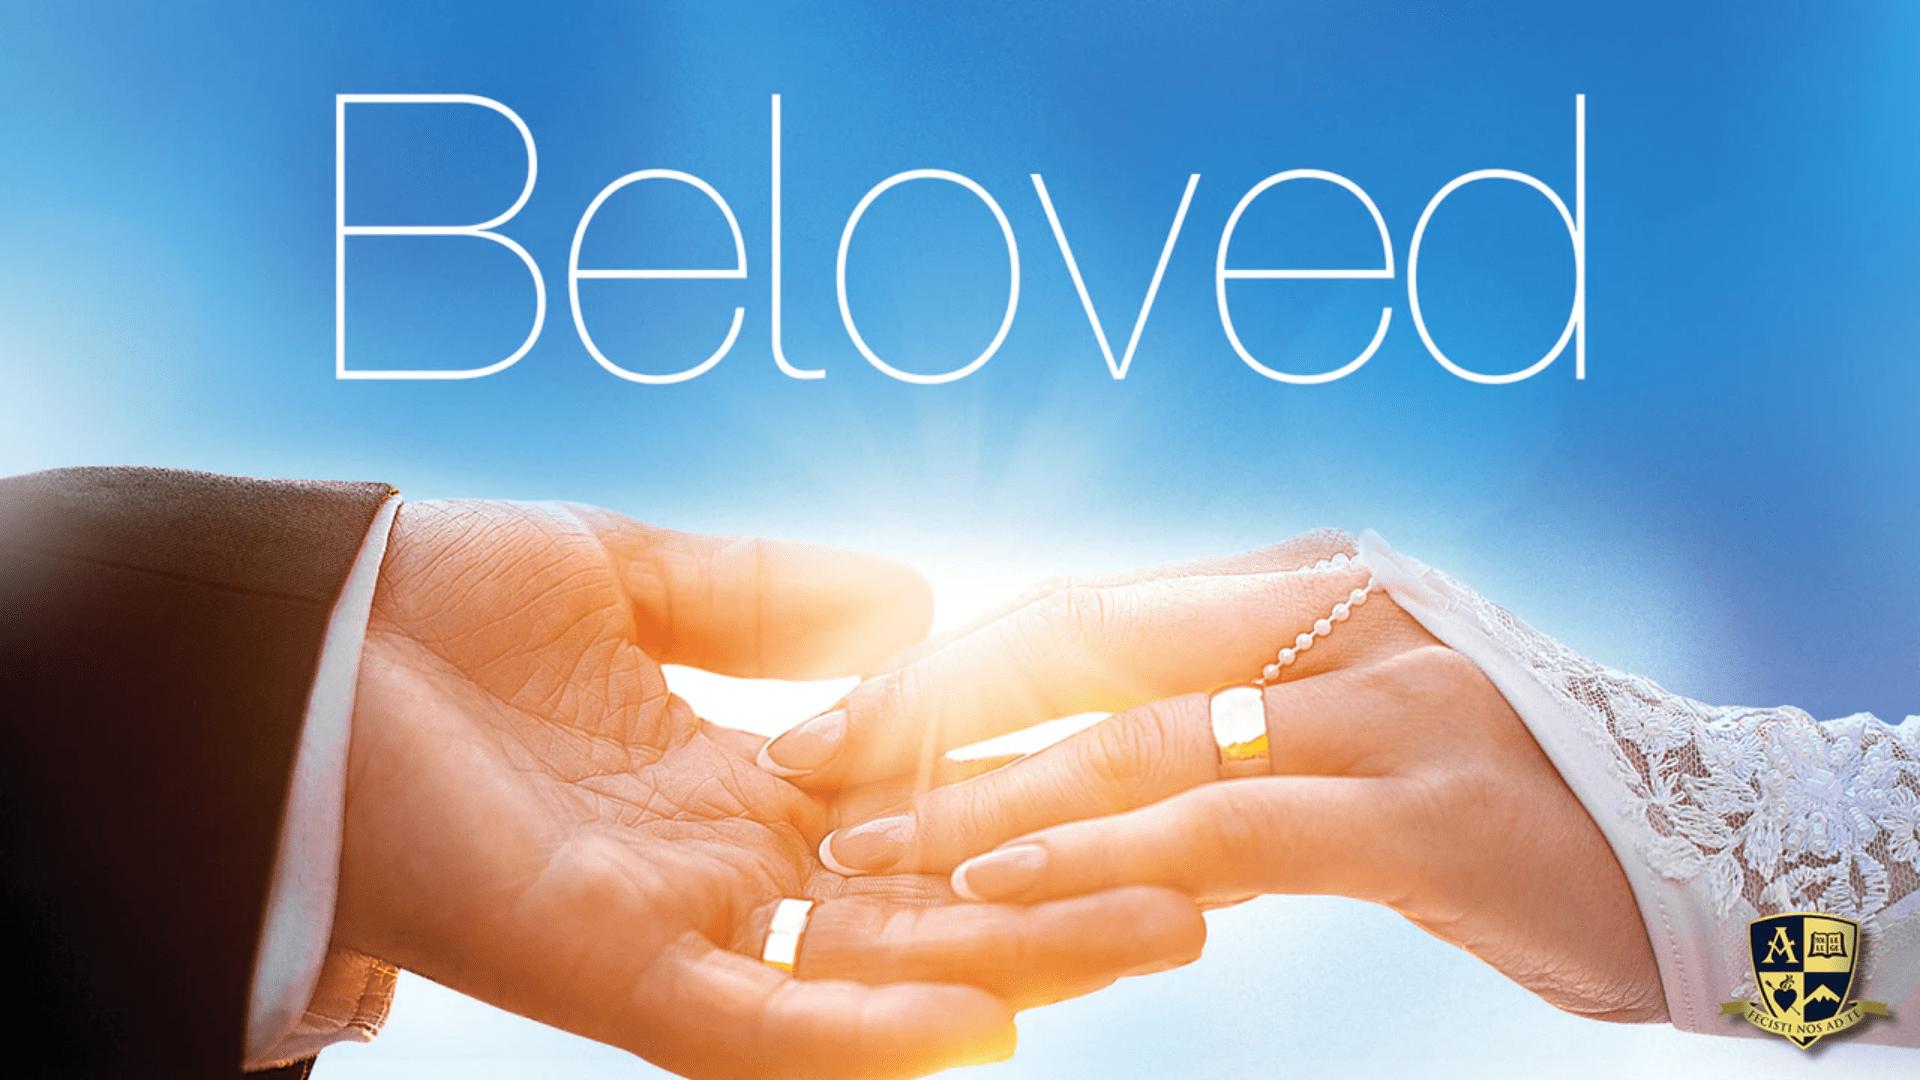 Beloved Formed